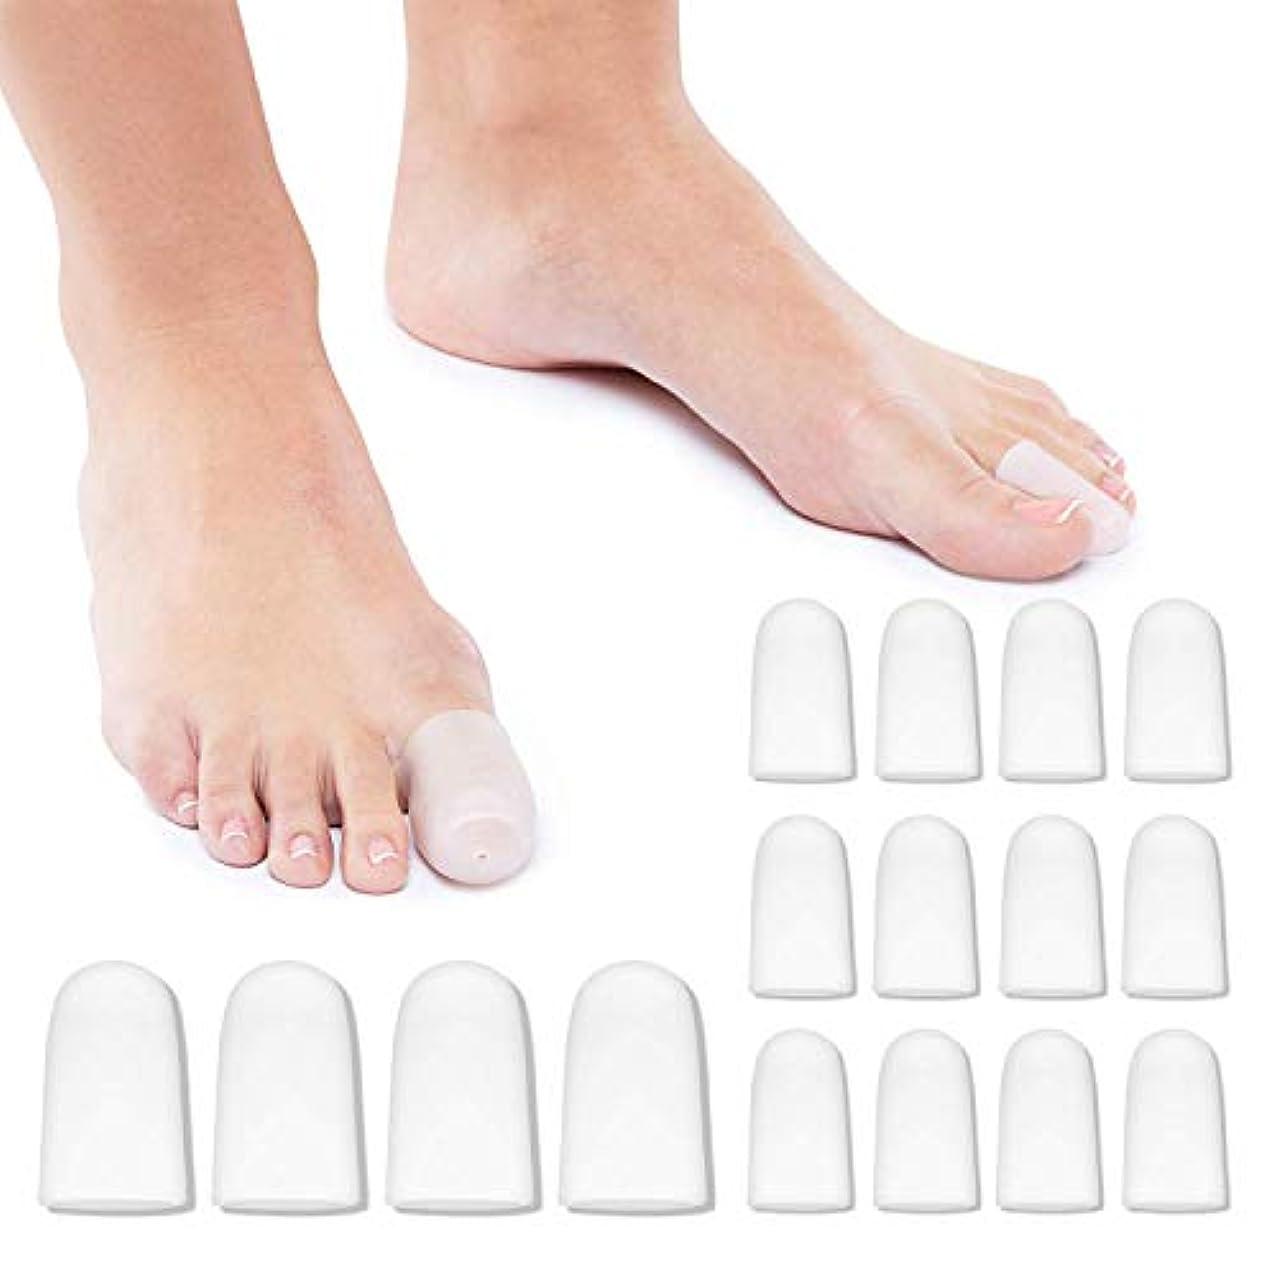 ハンバーガースラム街ごめんなさい8ペアセット 足指保護キャップ シリコンキャップ 趾痛み軽減 男女兼用